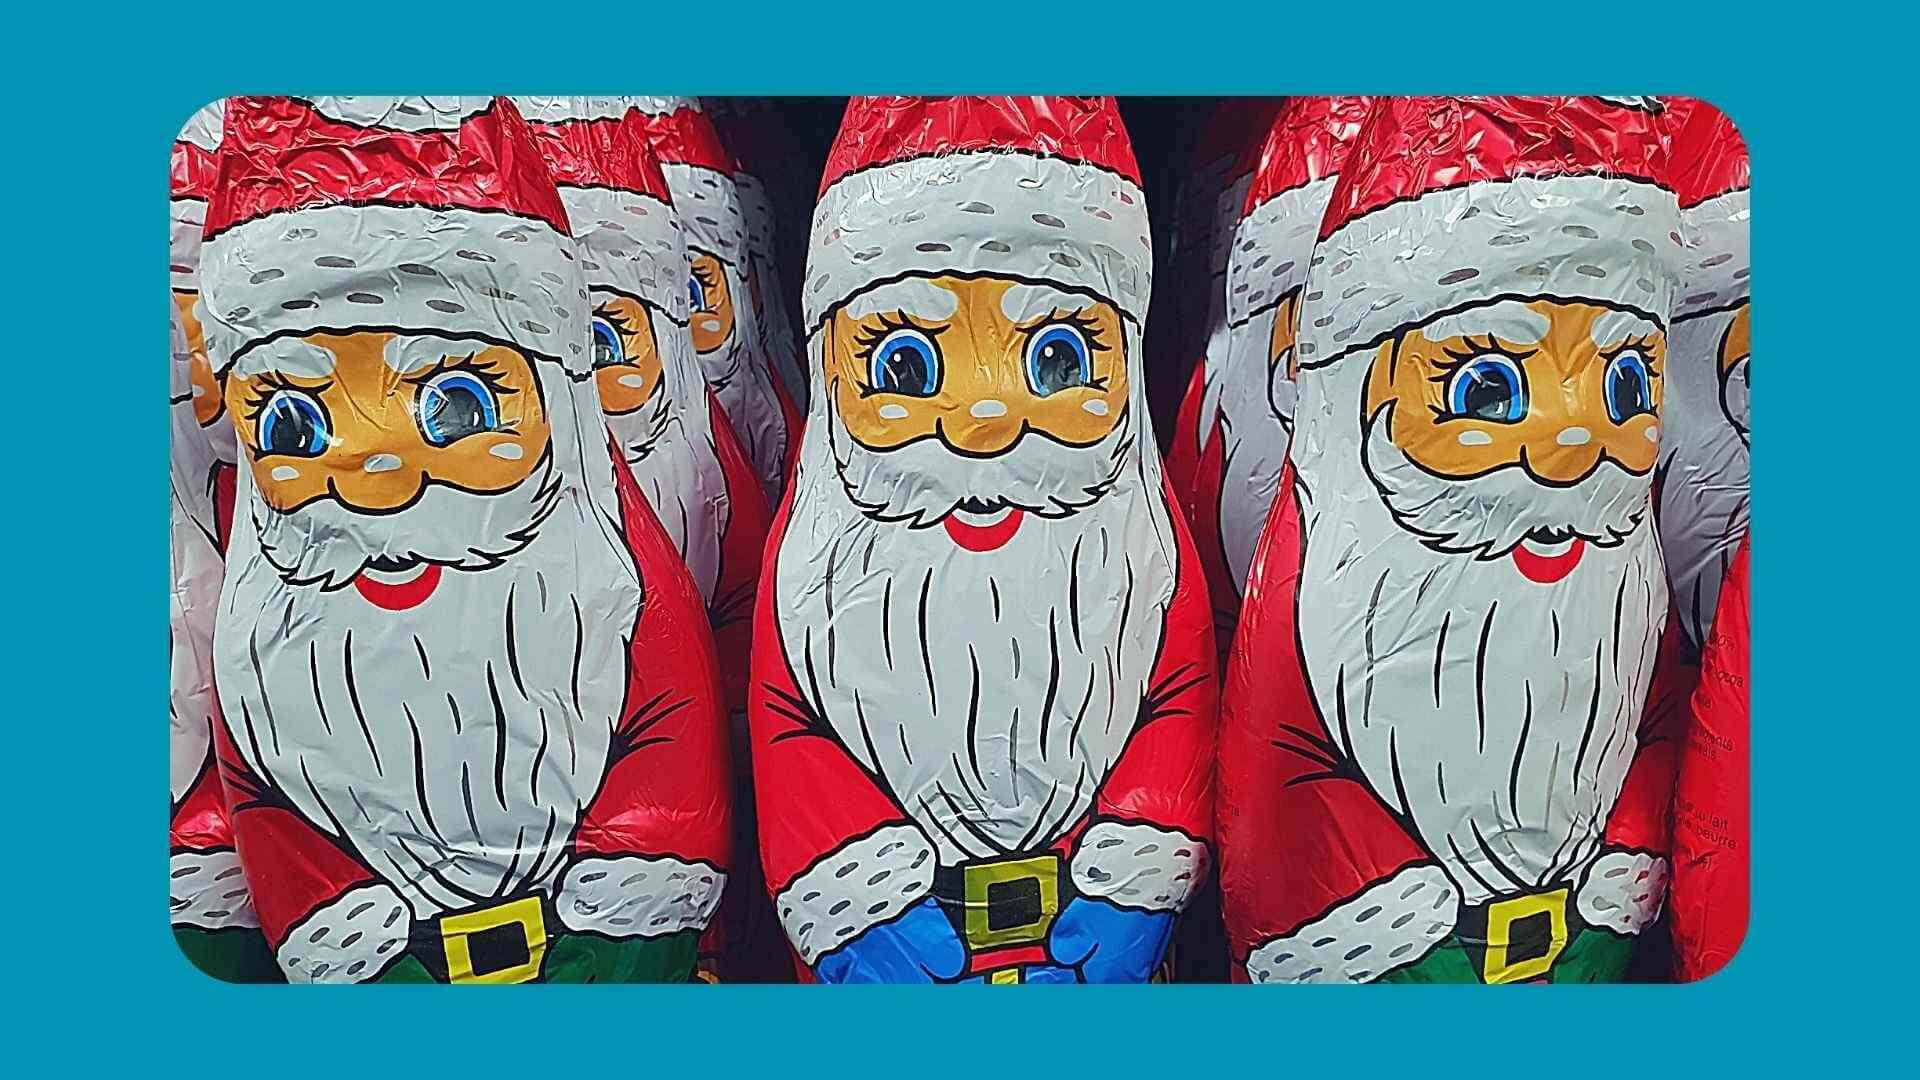 Medizin, Menschlichkeit und Wertschätzung oder Wer bekommt die 10 Weihnachtsmänner?